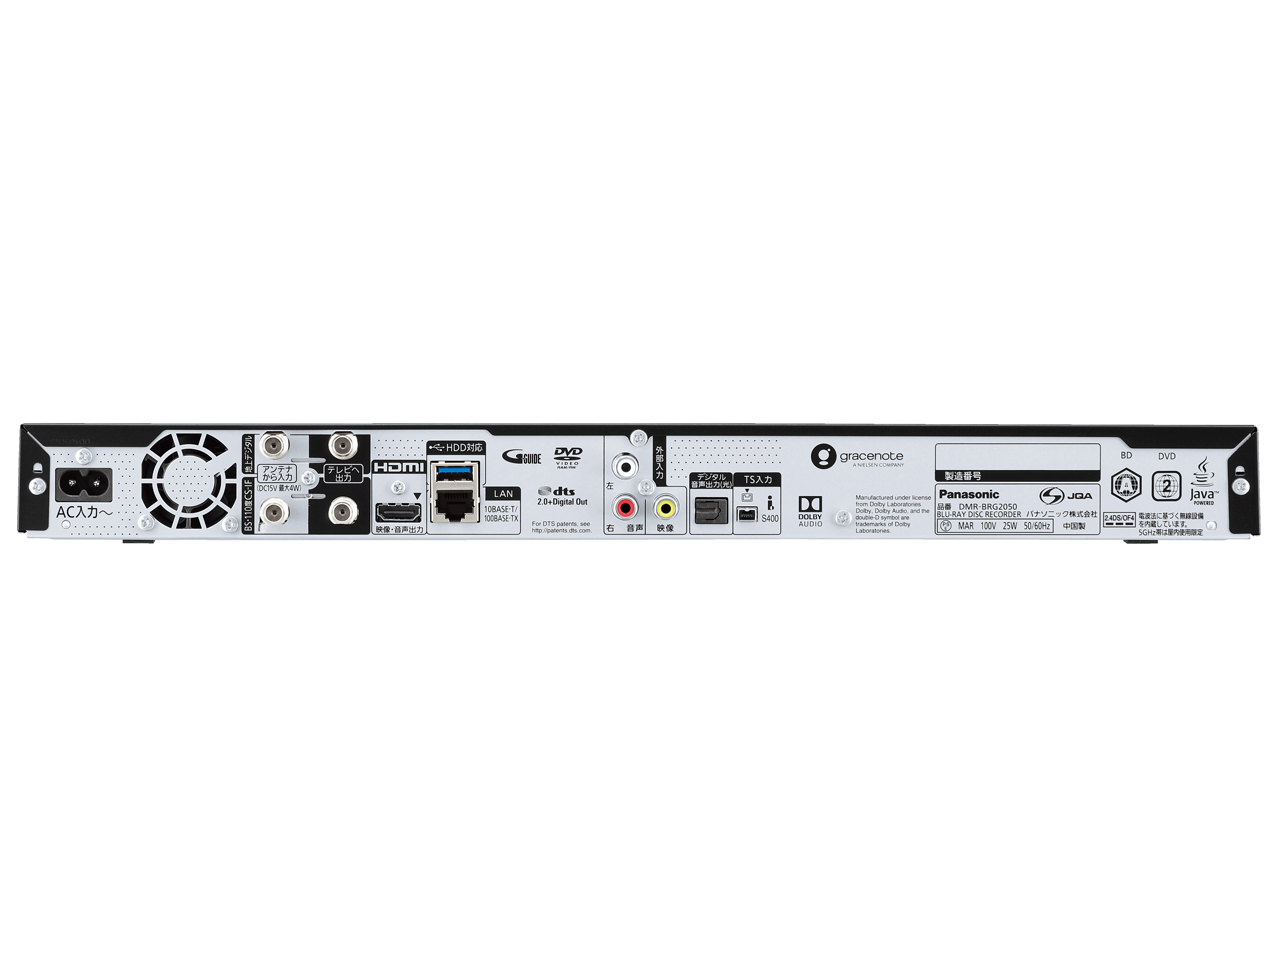 『本体 接続部分』 おうちクラウドディーガ DMR-BRG2050 の製品画像